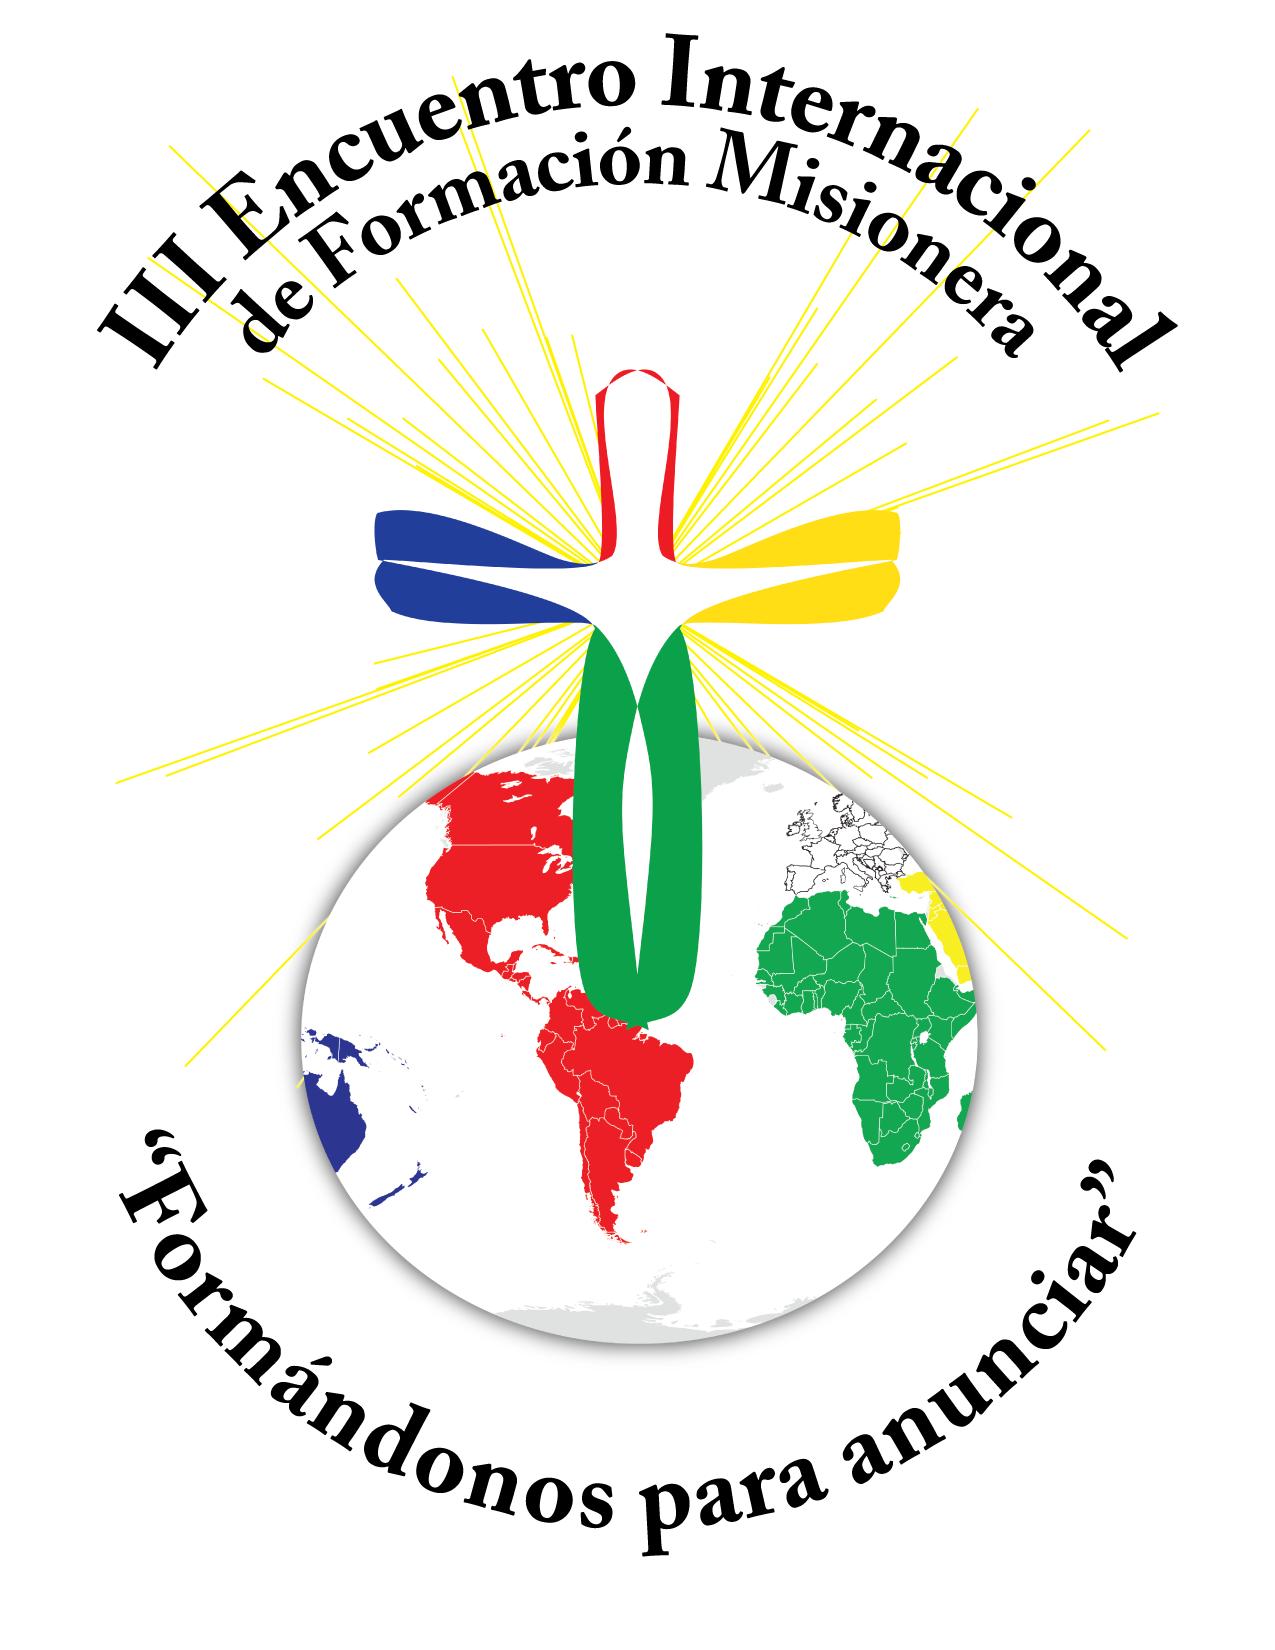 III Encuentro Internacional de Formación Misionera